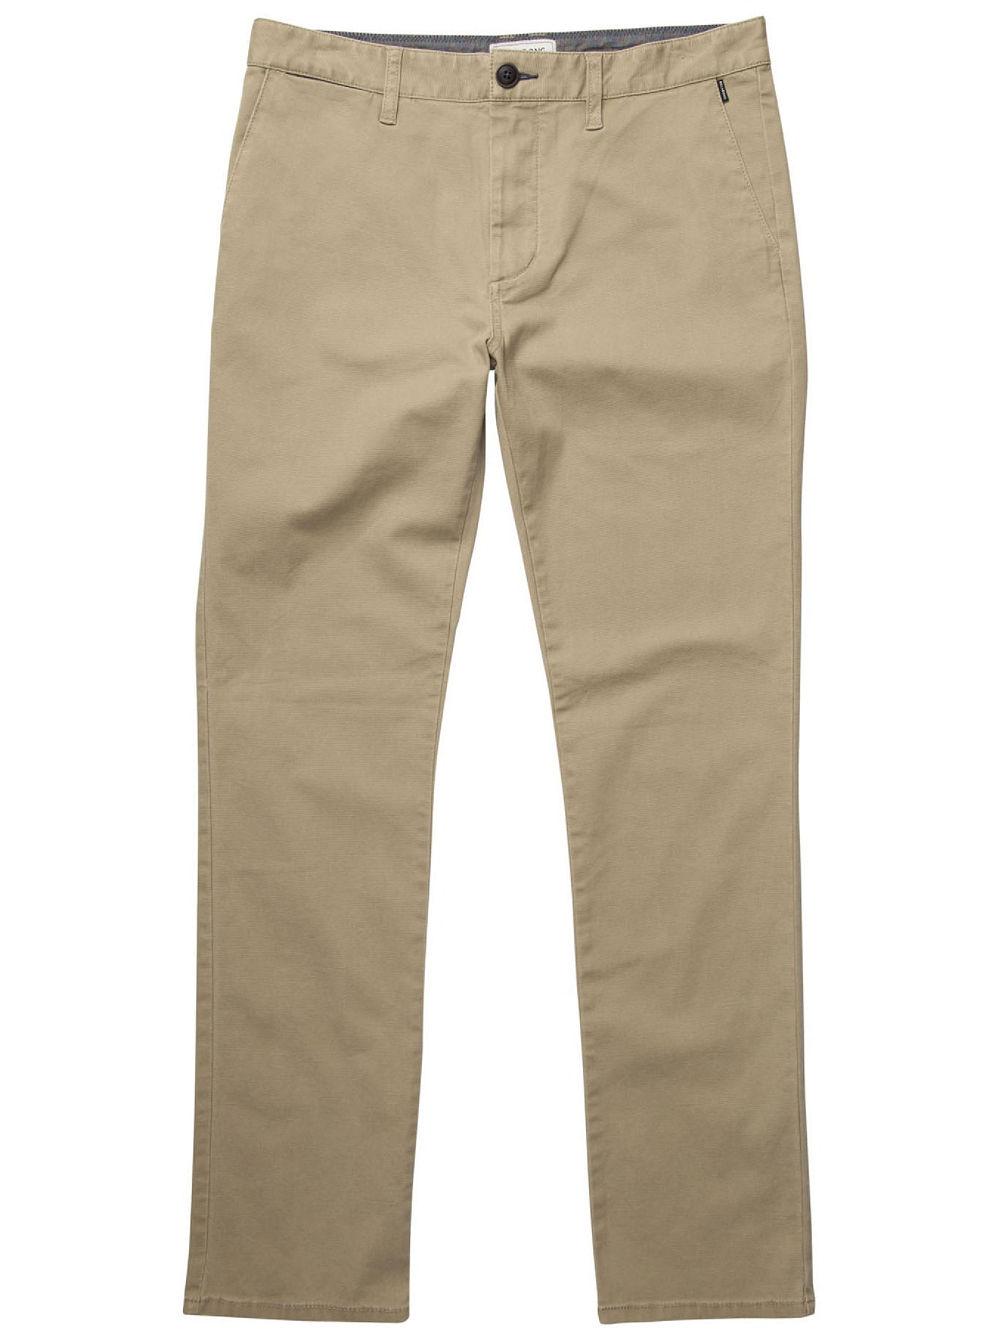 billabong-new-order-chino-pants